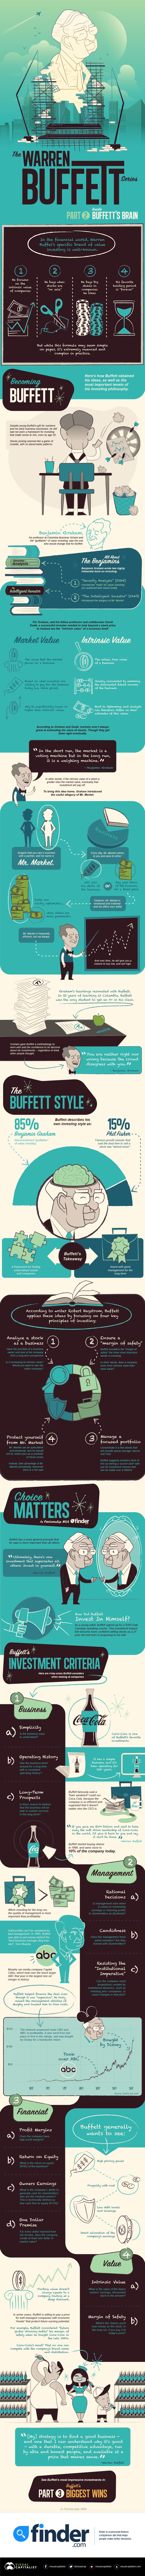 Understanding the Buffet Brand: How Does Warren Buffets Brain Work? - Infographic